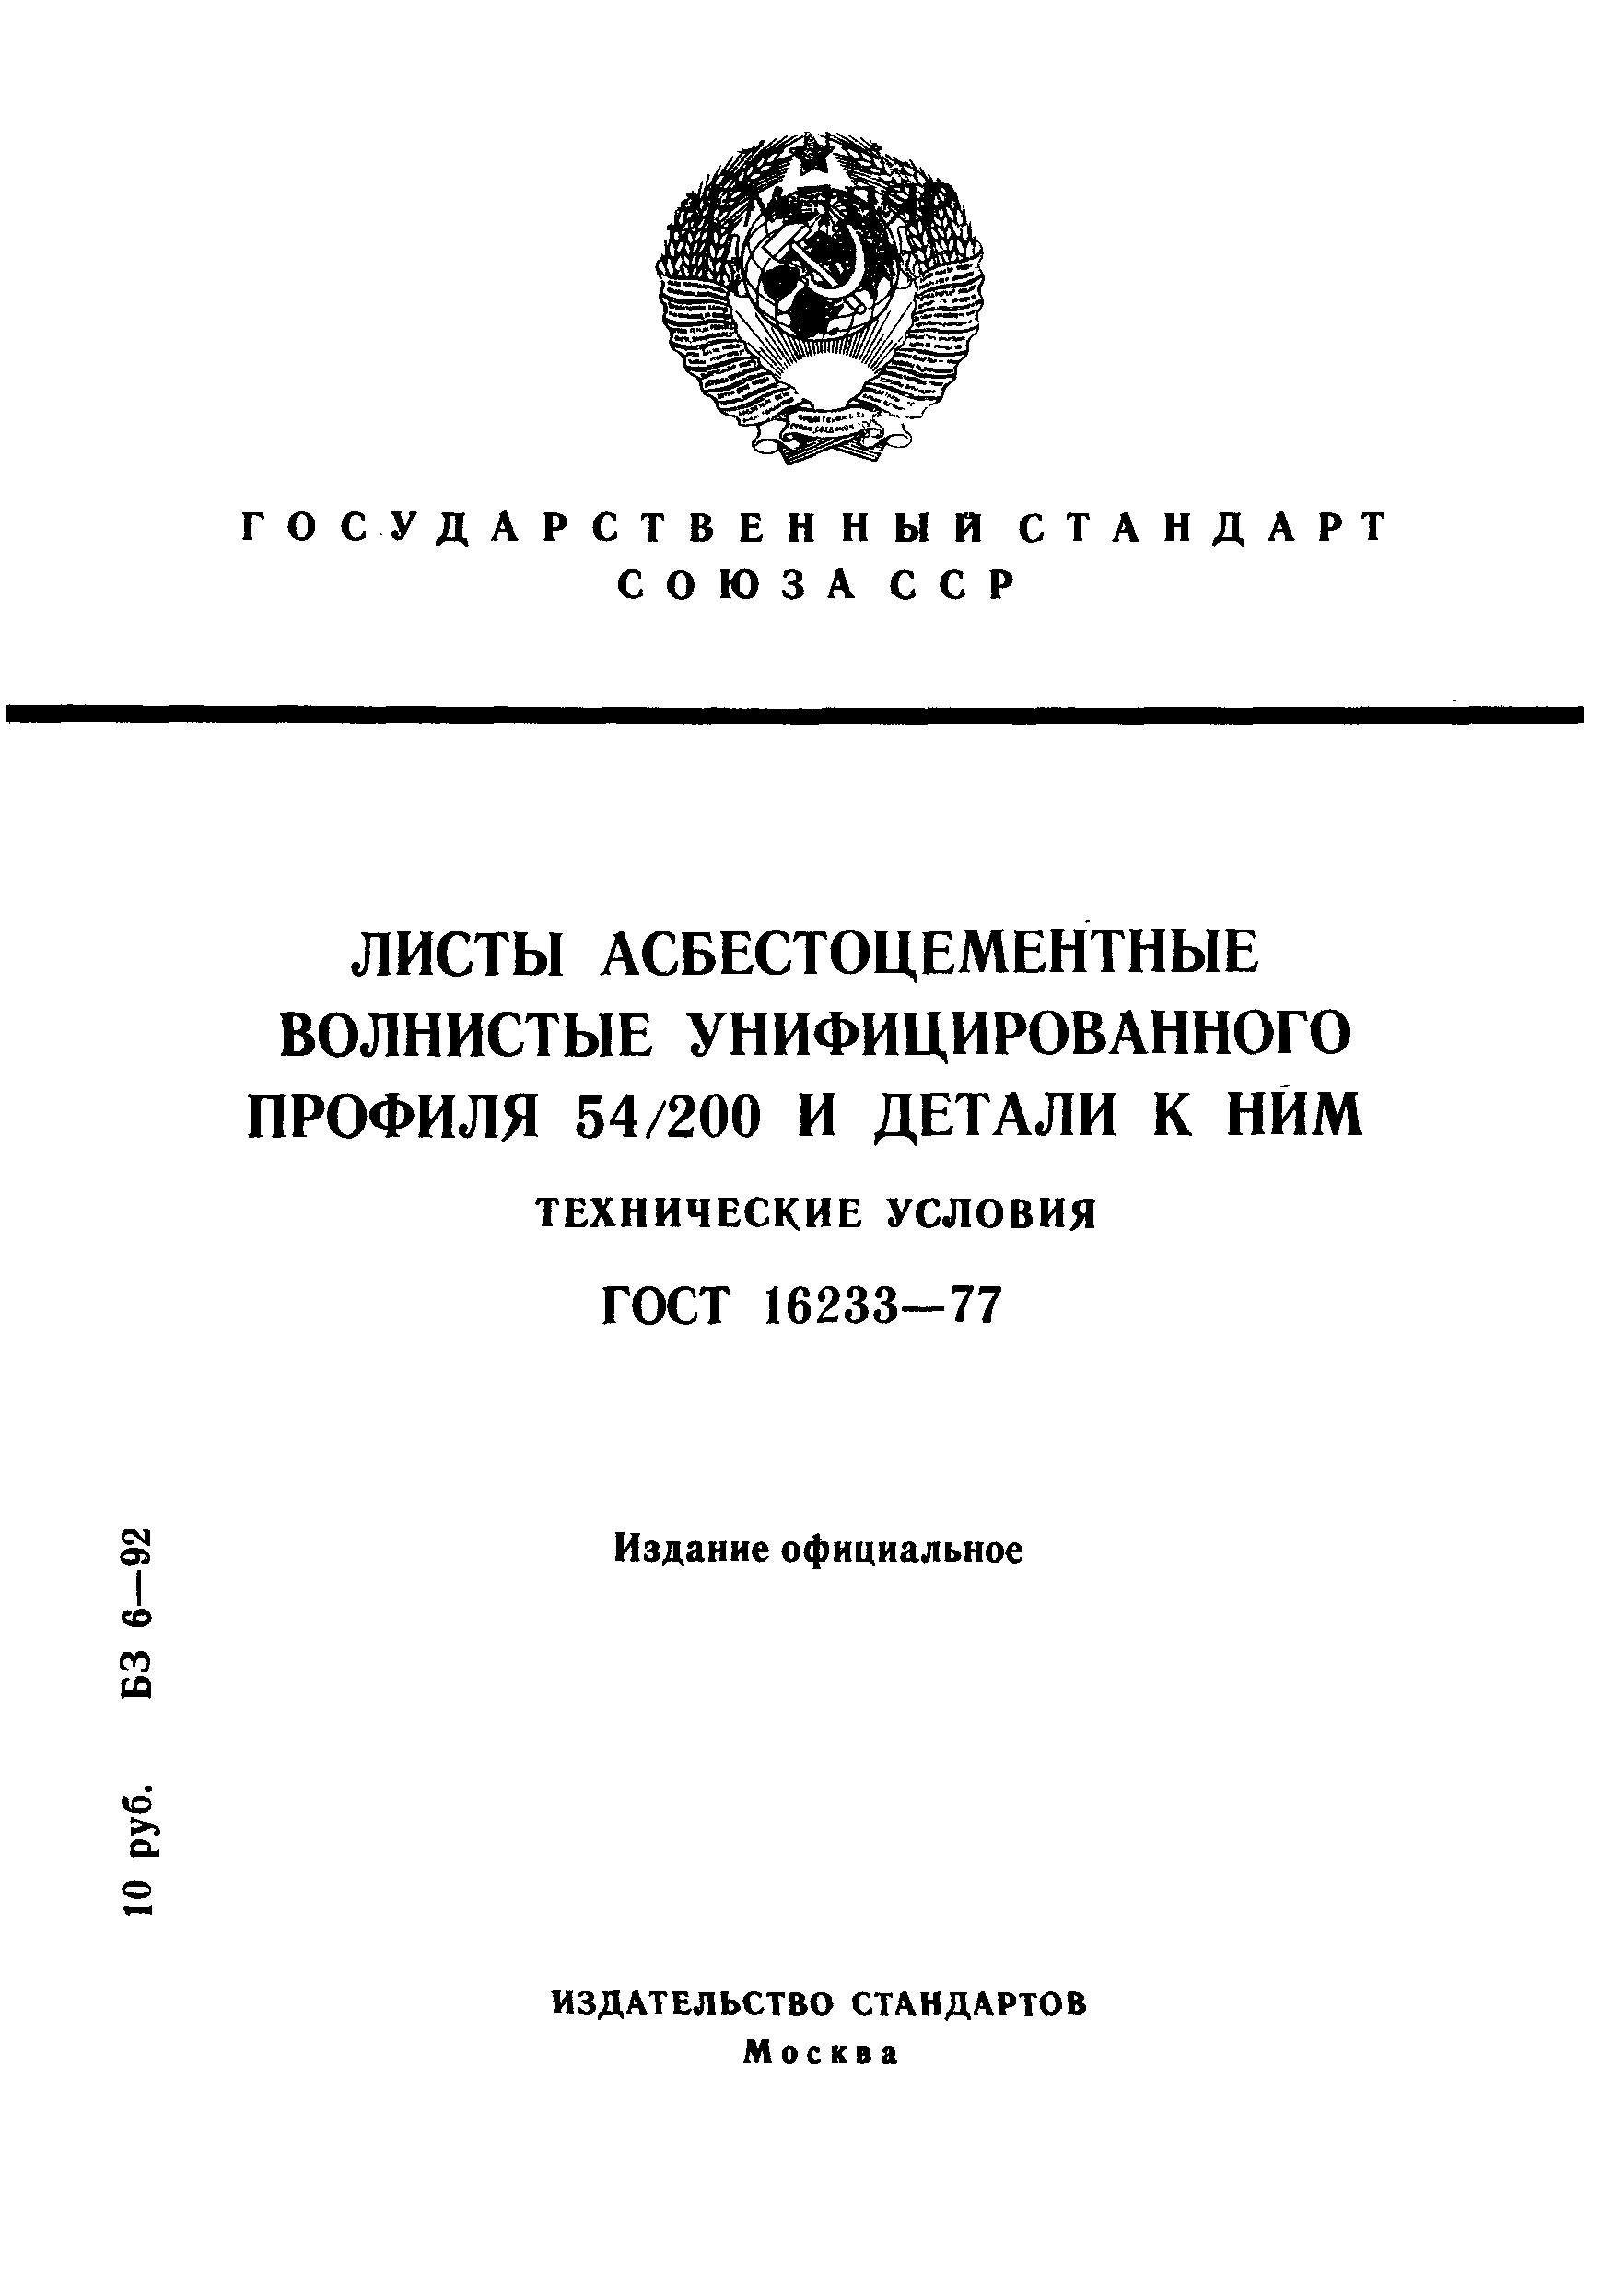 Листы Асбестоцементные Волнистые Унифицированного Профиля 54/200